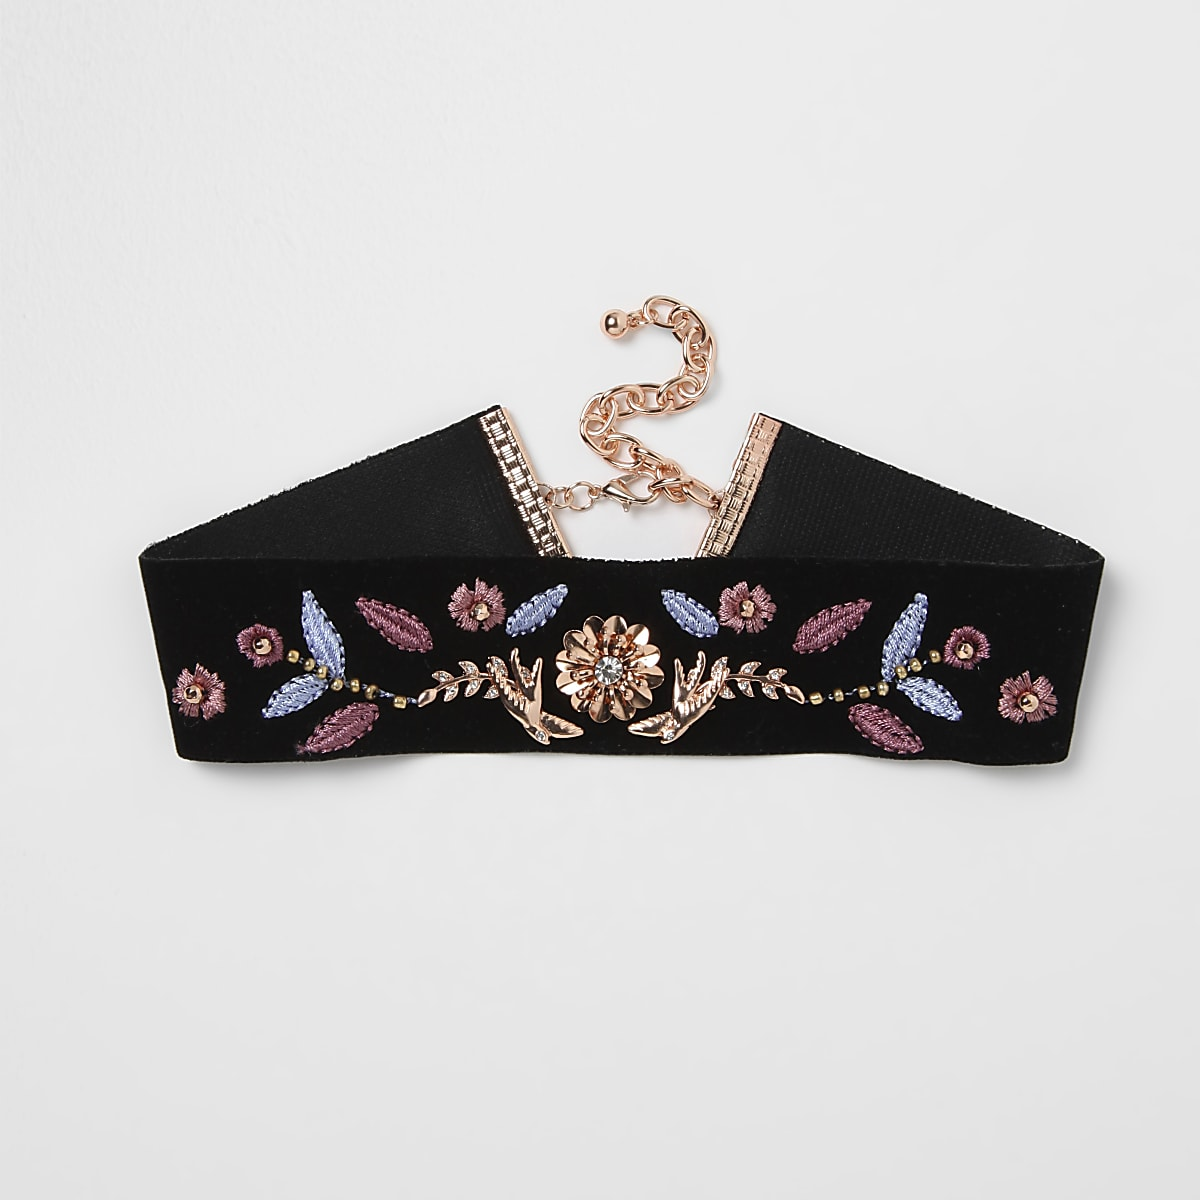 Black swallow embroidered velvet choker